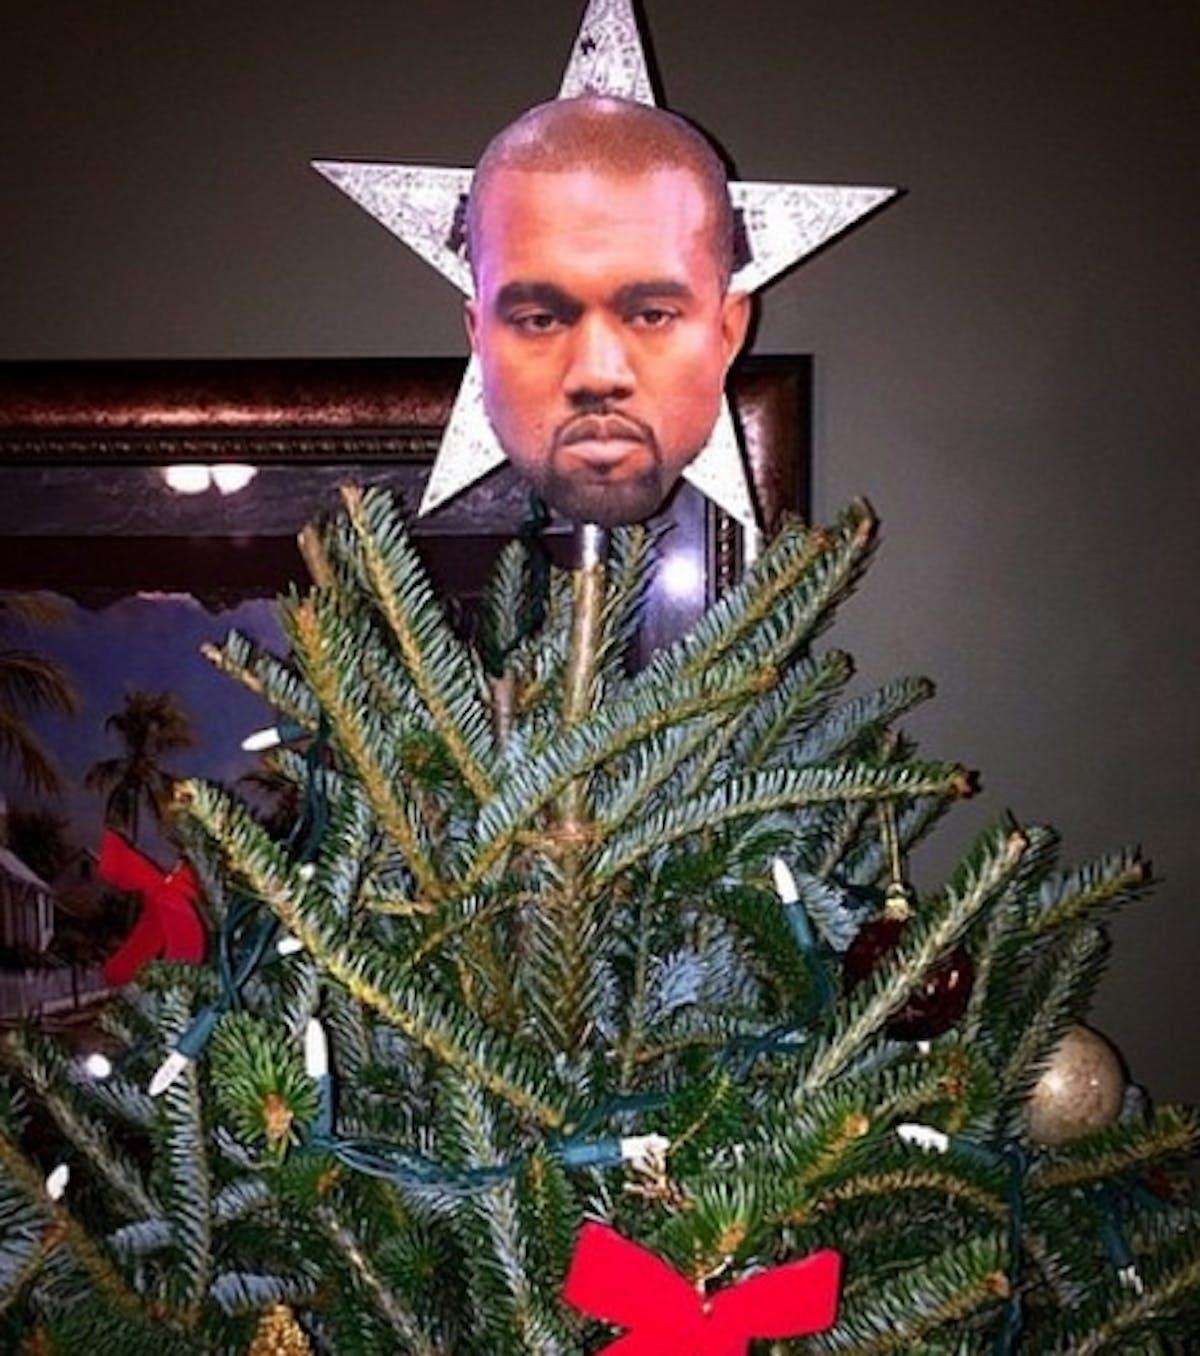 Ying Yang Twins Christmas.10 Holiday Songs Guaranteed To Ruin Christmas Inverse